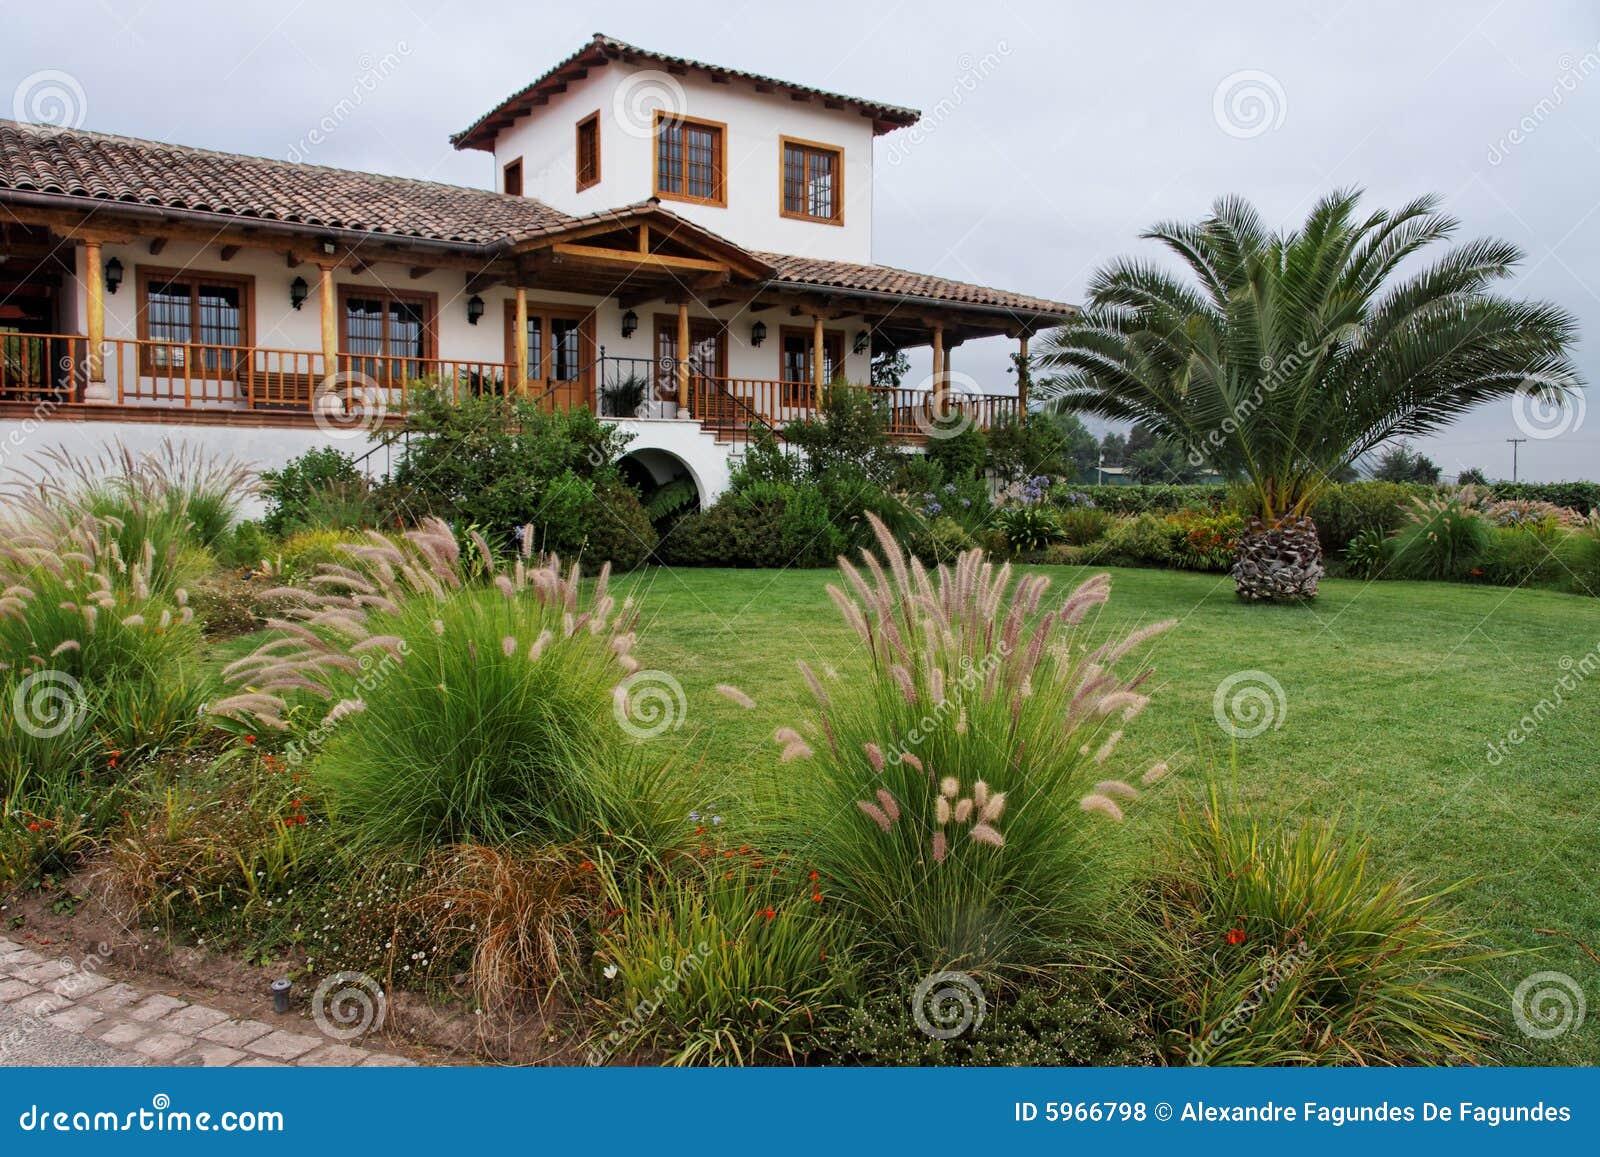 Jardim da casa de campo fotos de stock royalty free for Casa campo y jardin